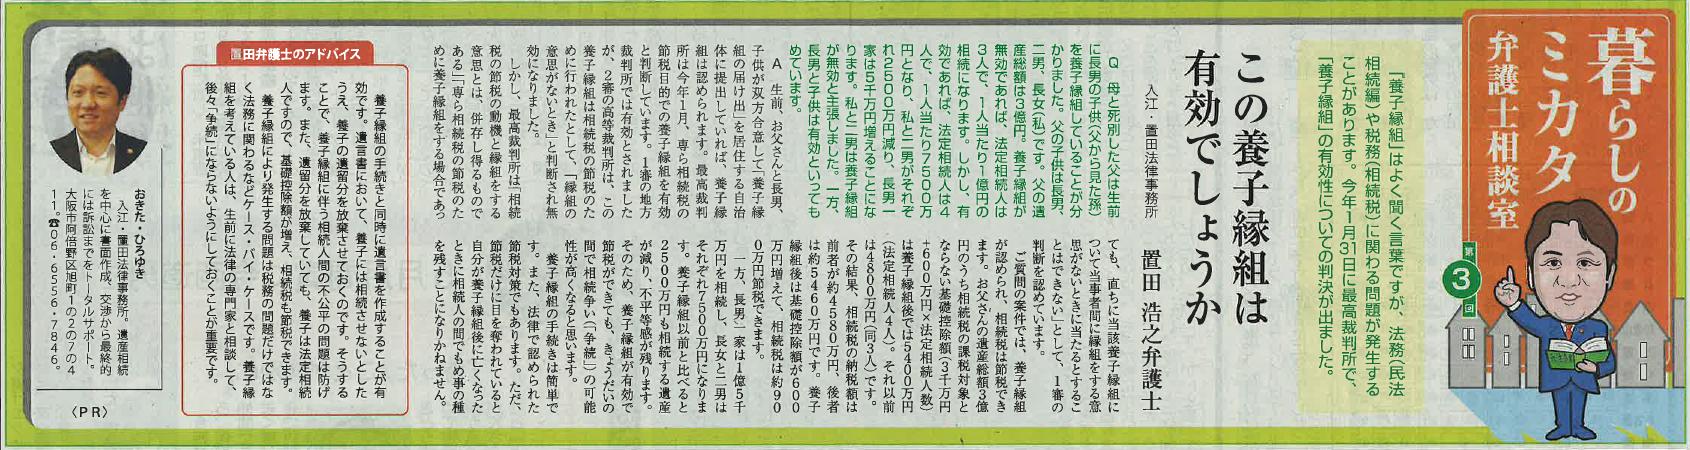 当事務所の置田弁護士が、2017年6月17日付の産経新聞夕刊に掲載されました。